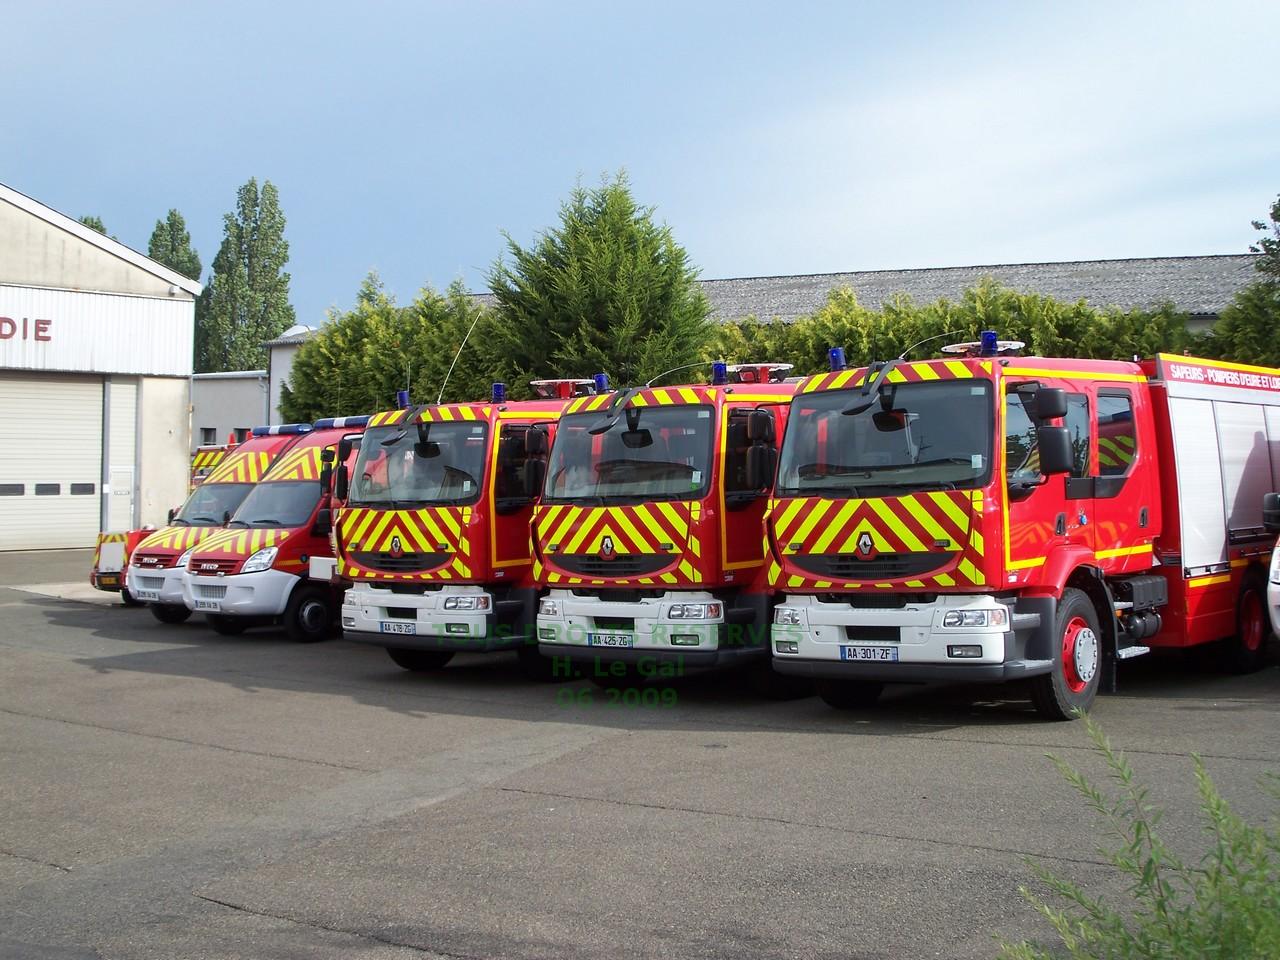 V hicules des pompiers fran ais page 233 auto titre for Garage mecanique arles